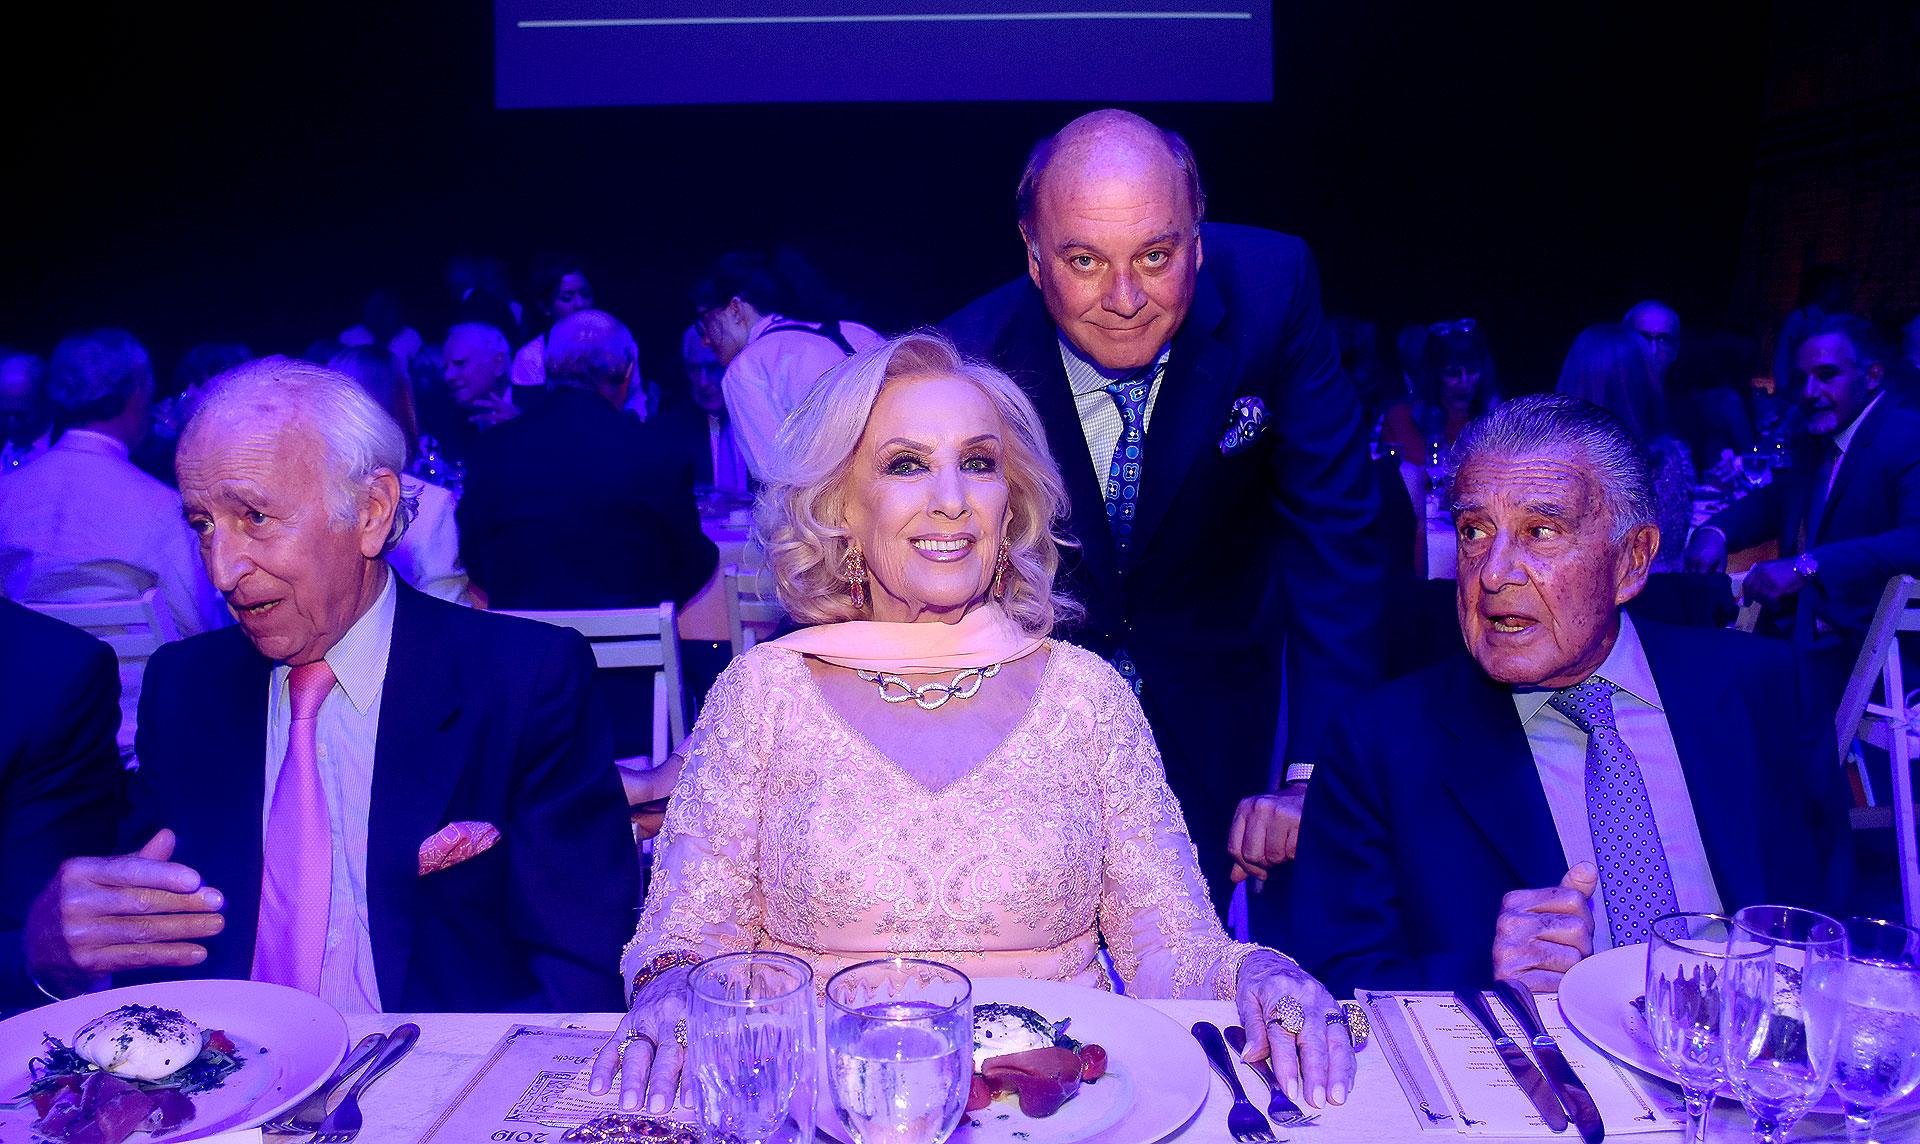 """Mirtha Legrand junto a los empresarios Eduardo Eurnekian, Martín Cabrales y Santiago Soldati, en """"Sueño de una noche de verano"""